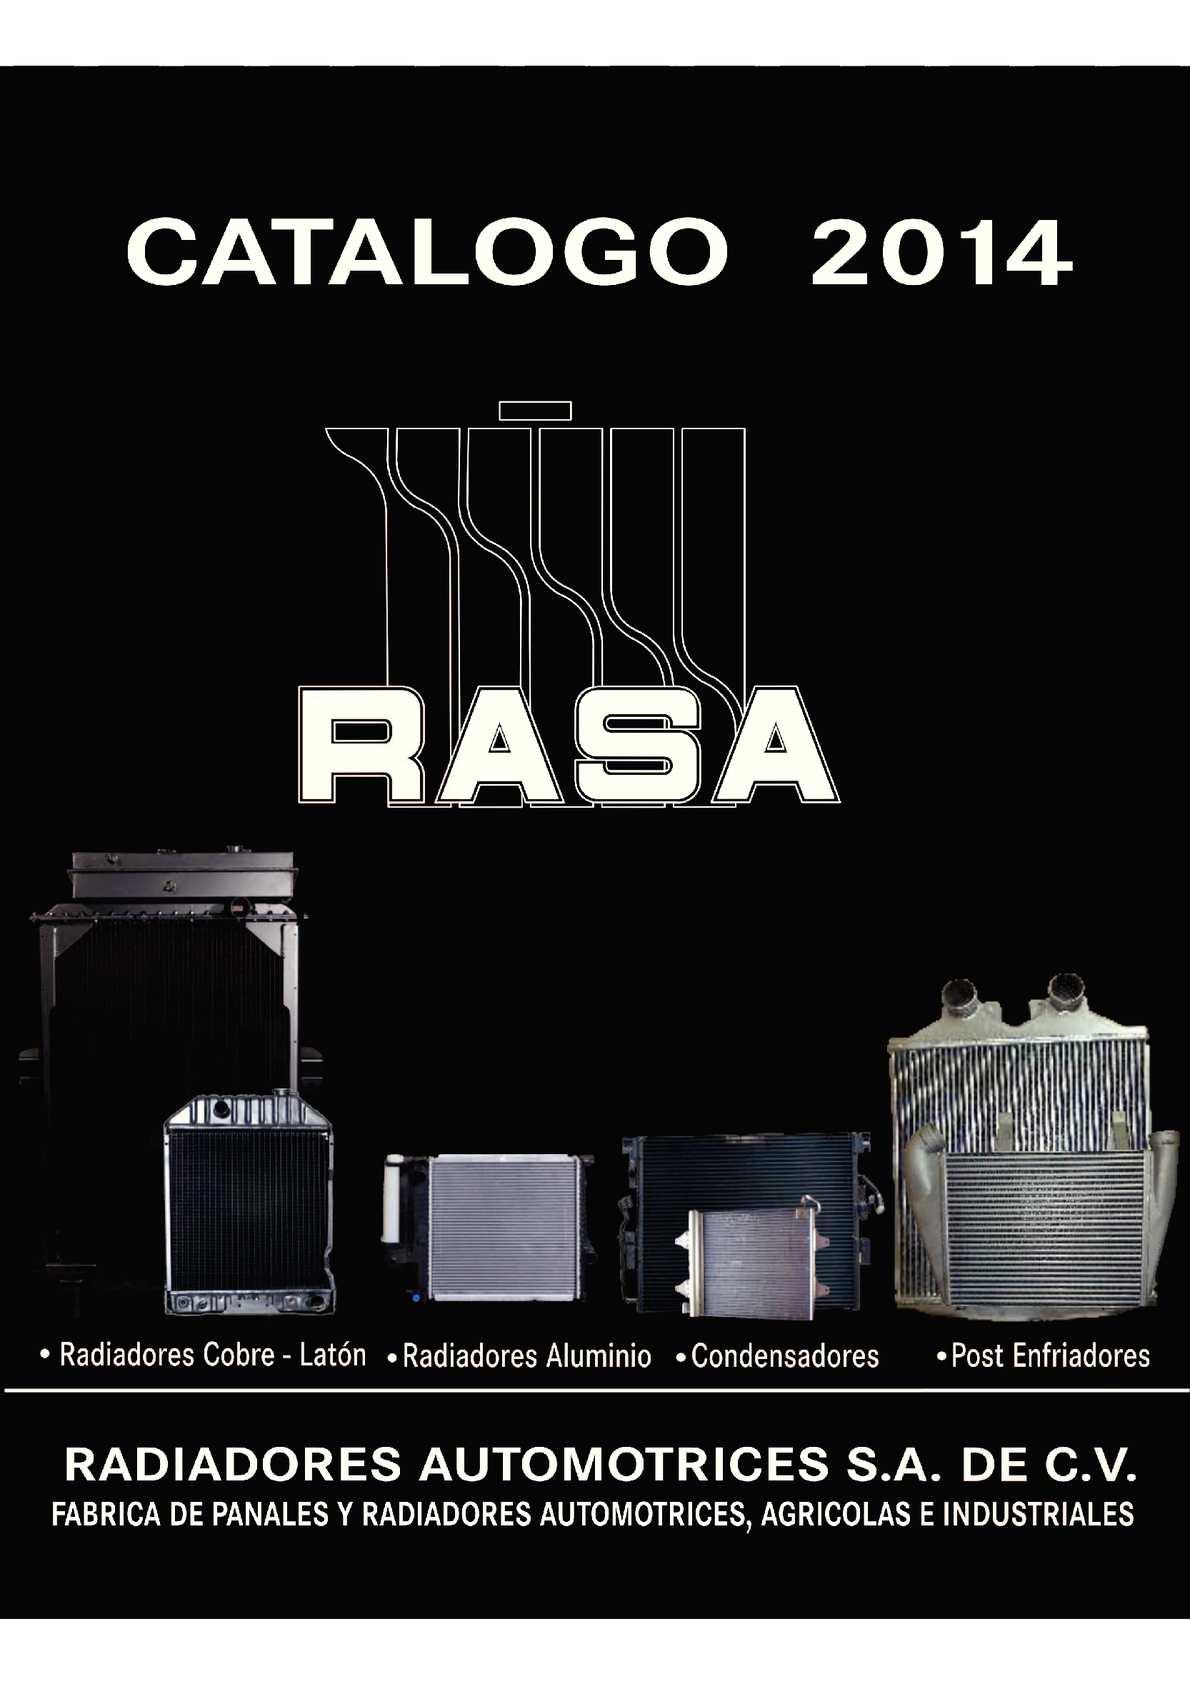 Calam o catalogo rasa 2014 junio for Catalogo de radiadores